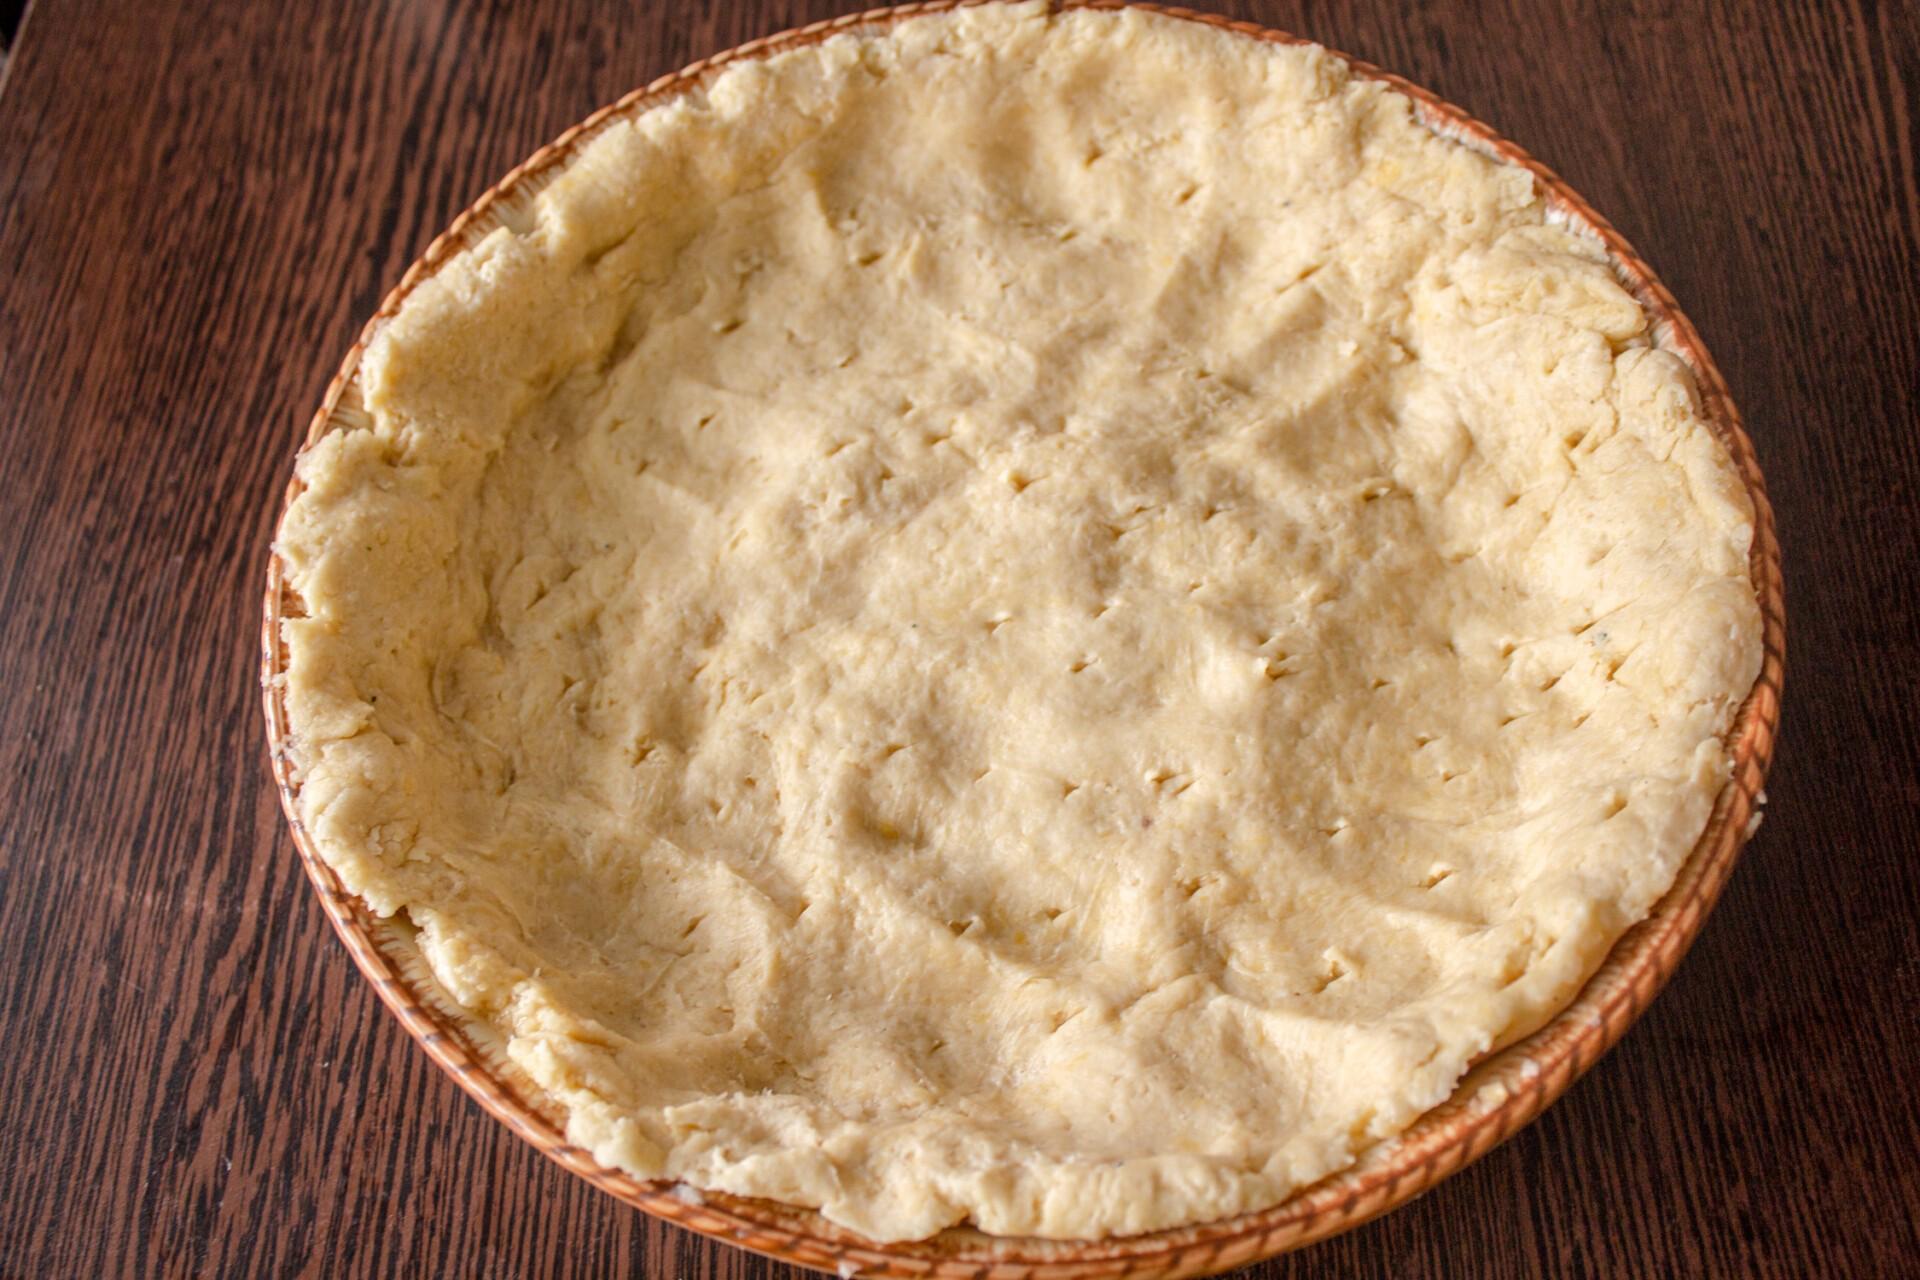 Пирог с капустой и яйцом: песочное тесто распределяем в форме формируя бортики для будущего пирога